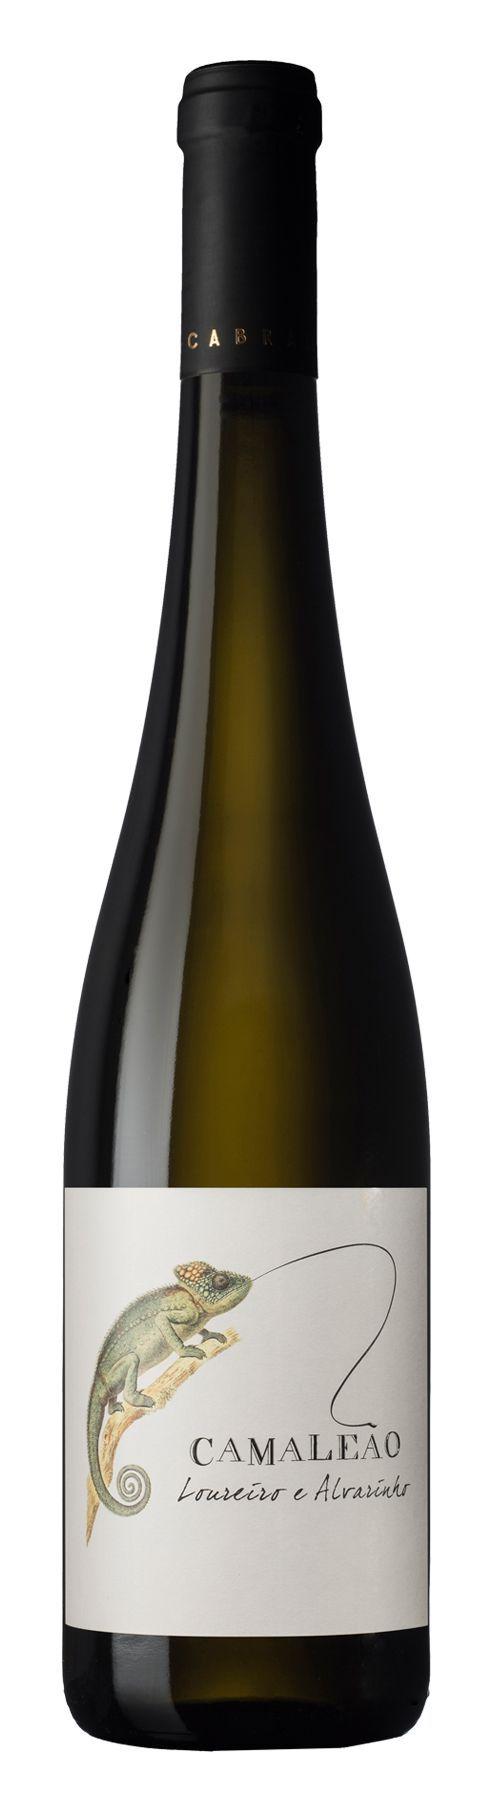 Vinho Camaleão Loureiro e Alvarinho 2019